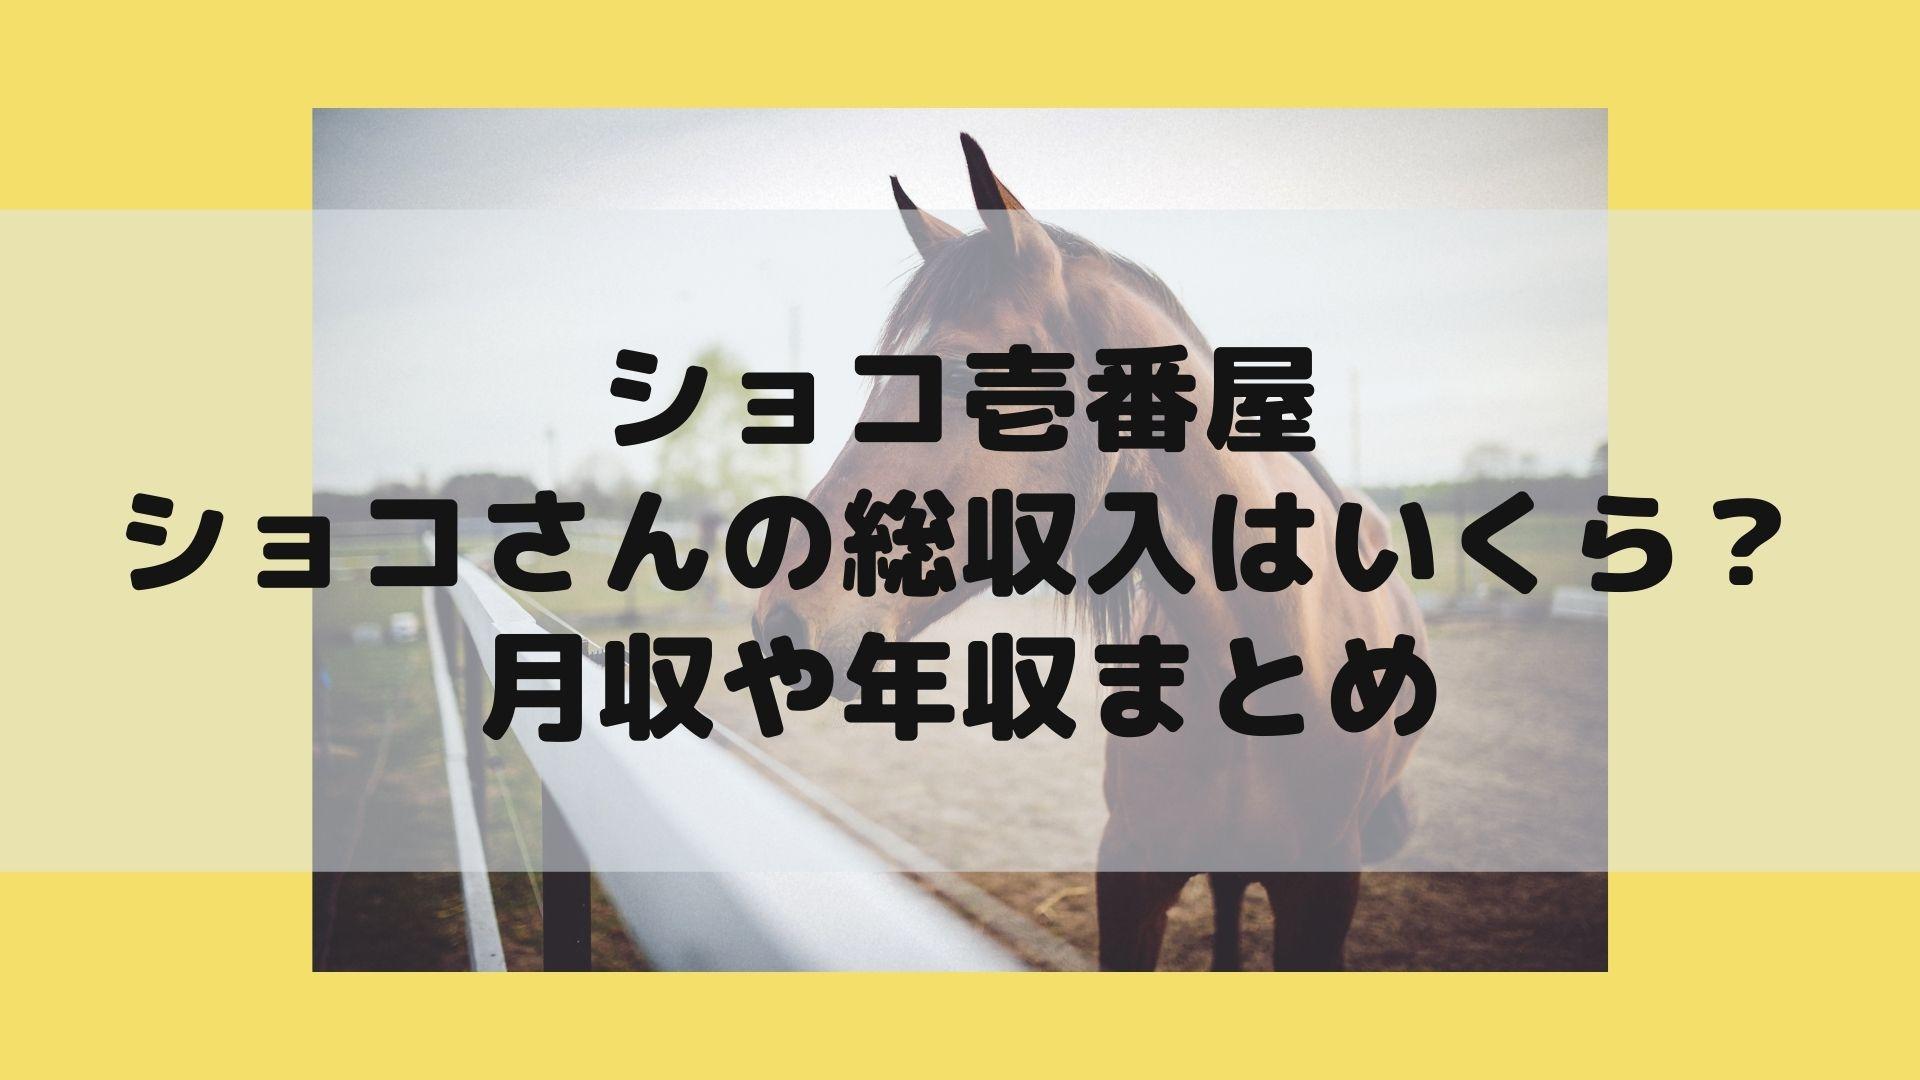 ショコ壱番屋ショコさんの総収入はいくら?月収や年収まとめタイトル画像